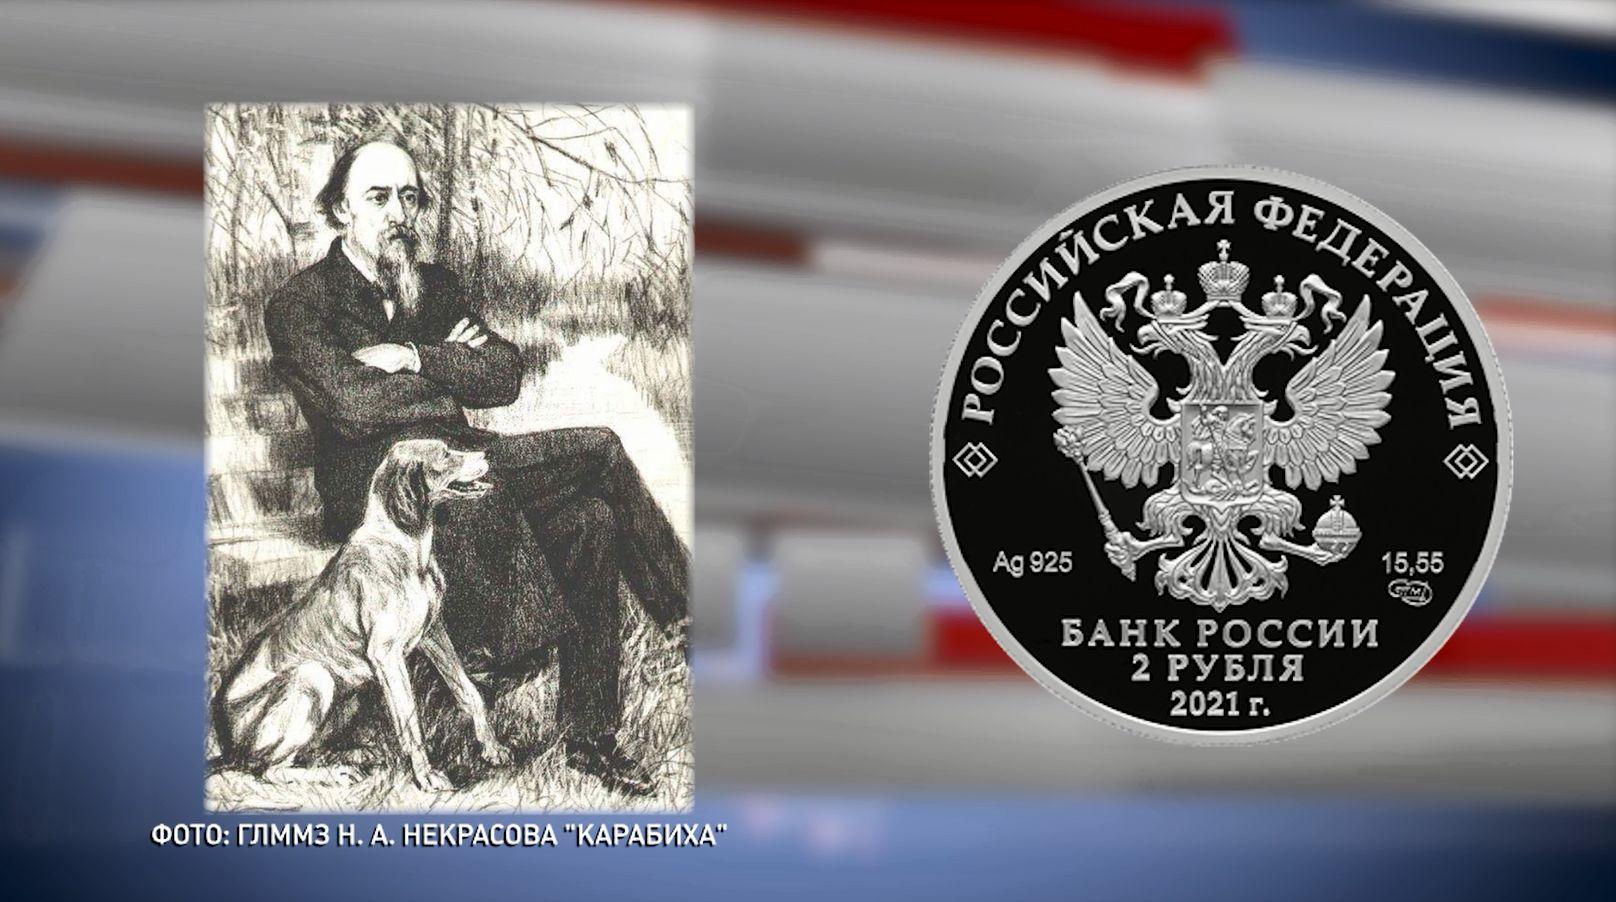 Банк России запускает в обращение памятную серебряную монету к 200-летию со дня рождения поэта Николая Алексеевича Некрасова